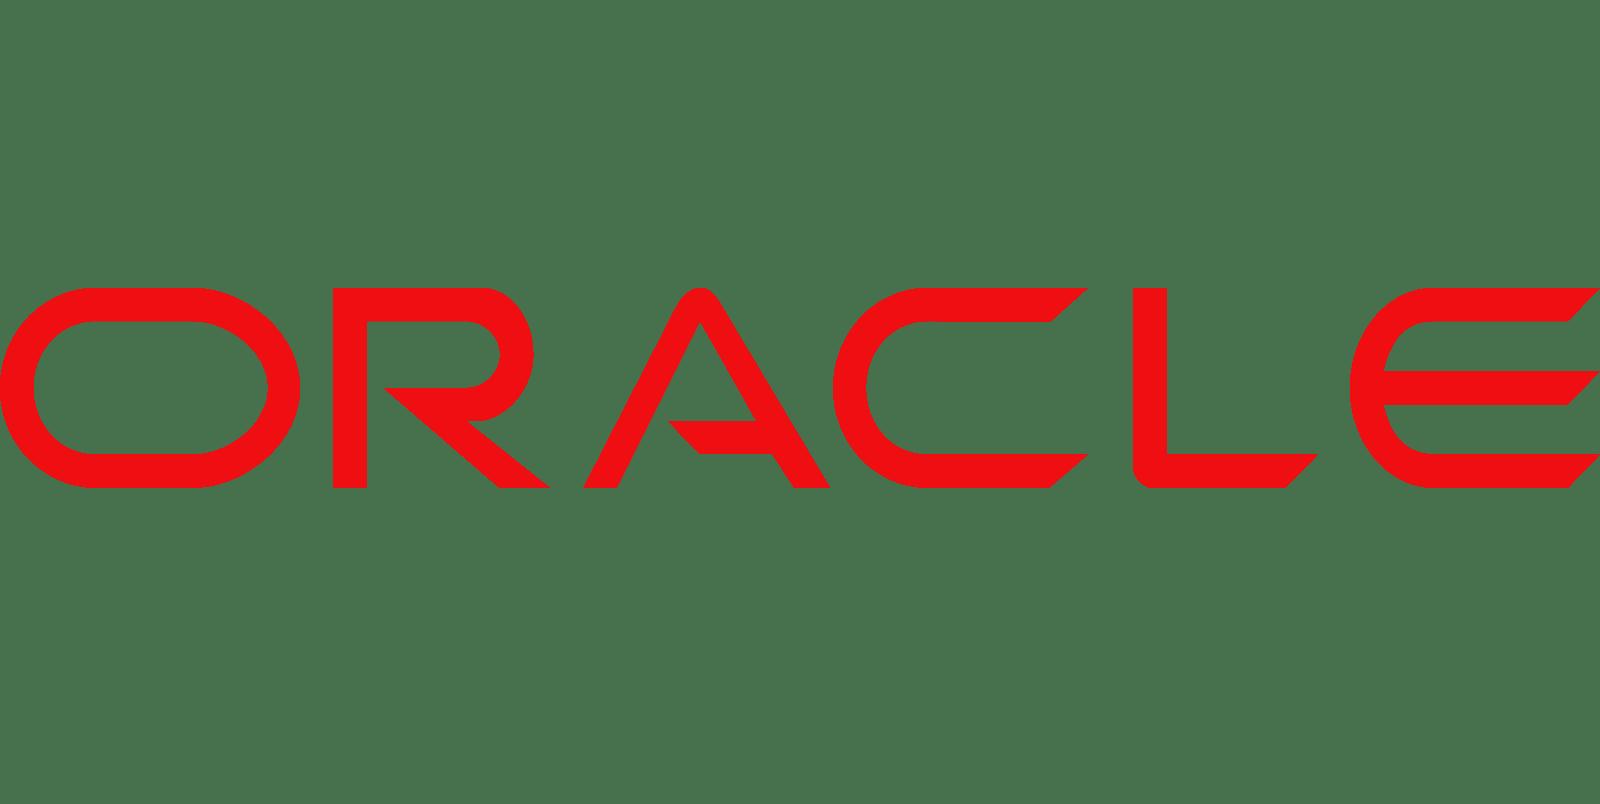 Oracle's homepage